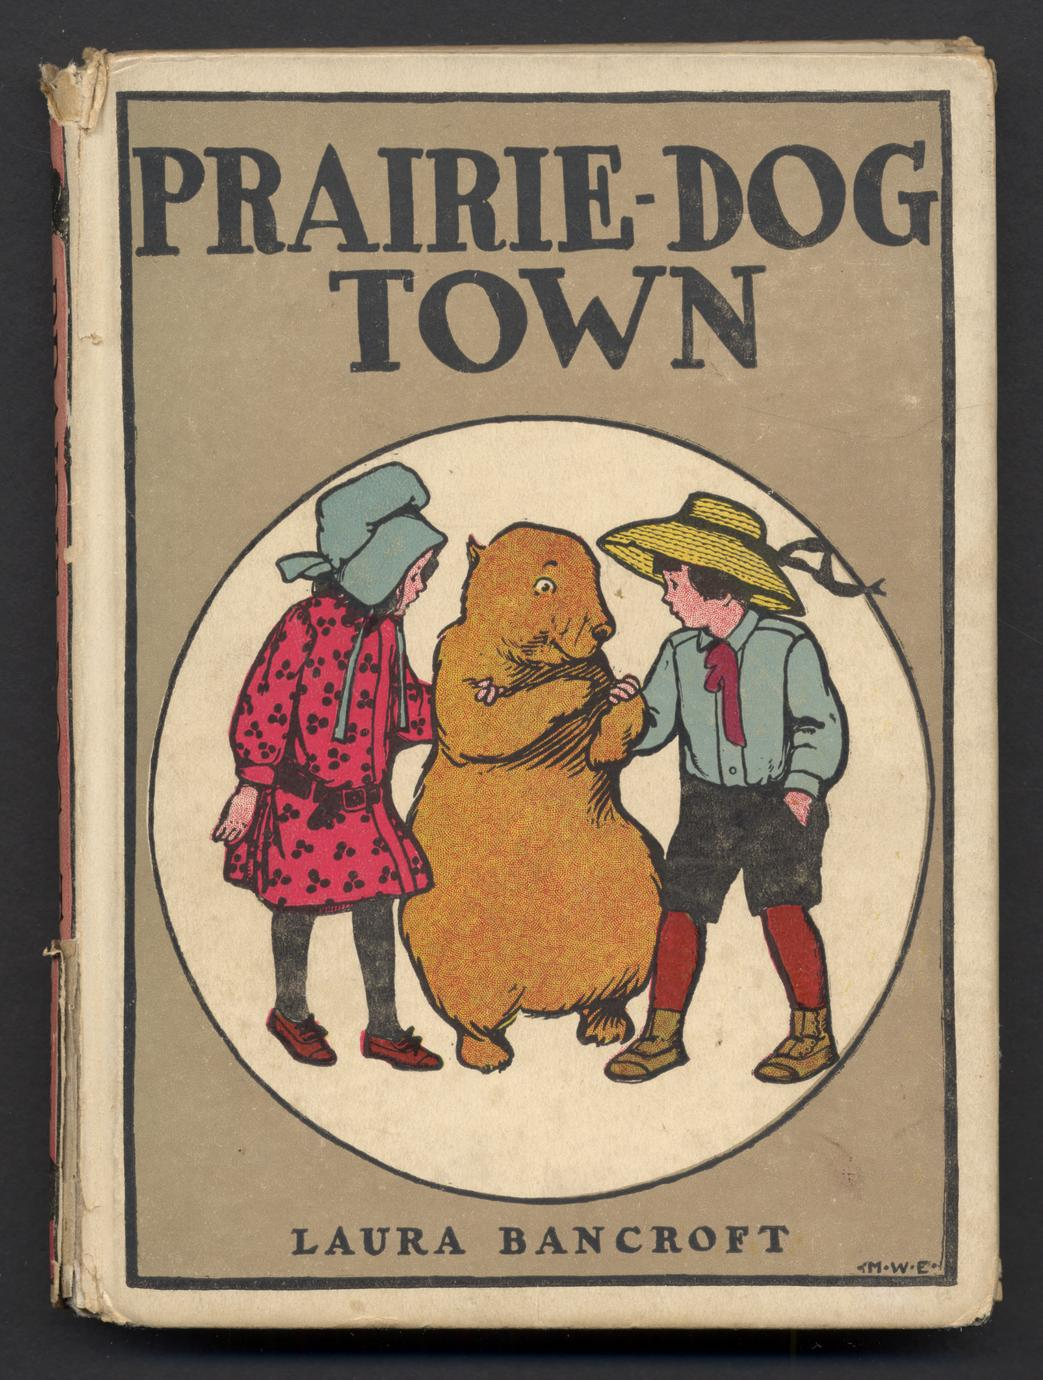 Prairie-dog town (1 of 3)